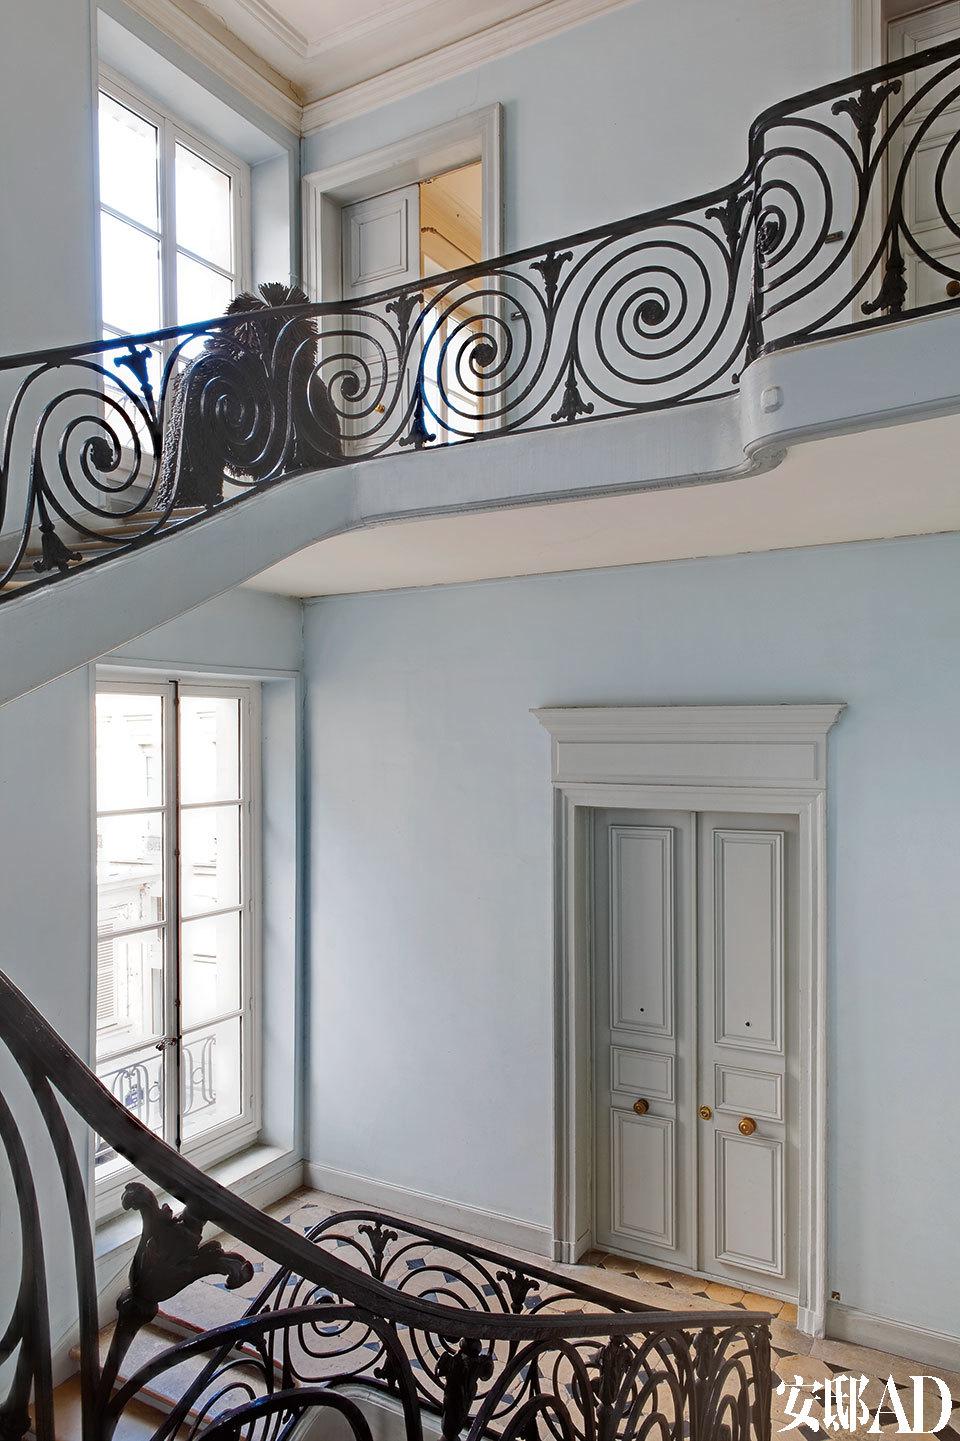 这是一间连通客厅与卧室、浴室和小型工作室的过堂。墙上贴满了VéroniqueVial的摄影作品系列。在地面上,是一尊出自Robert Indiana的雕塑及其马鞍,旁边还摆放着出自Ika Kuenzel的作品《Caution ! This is Rodeo》。'